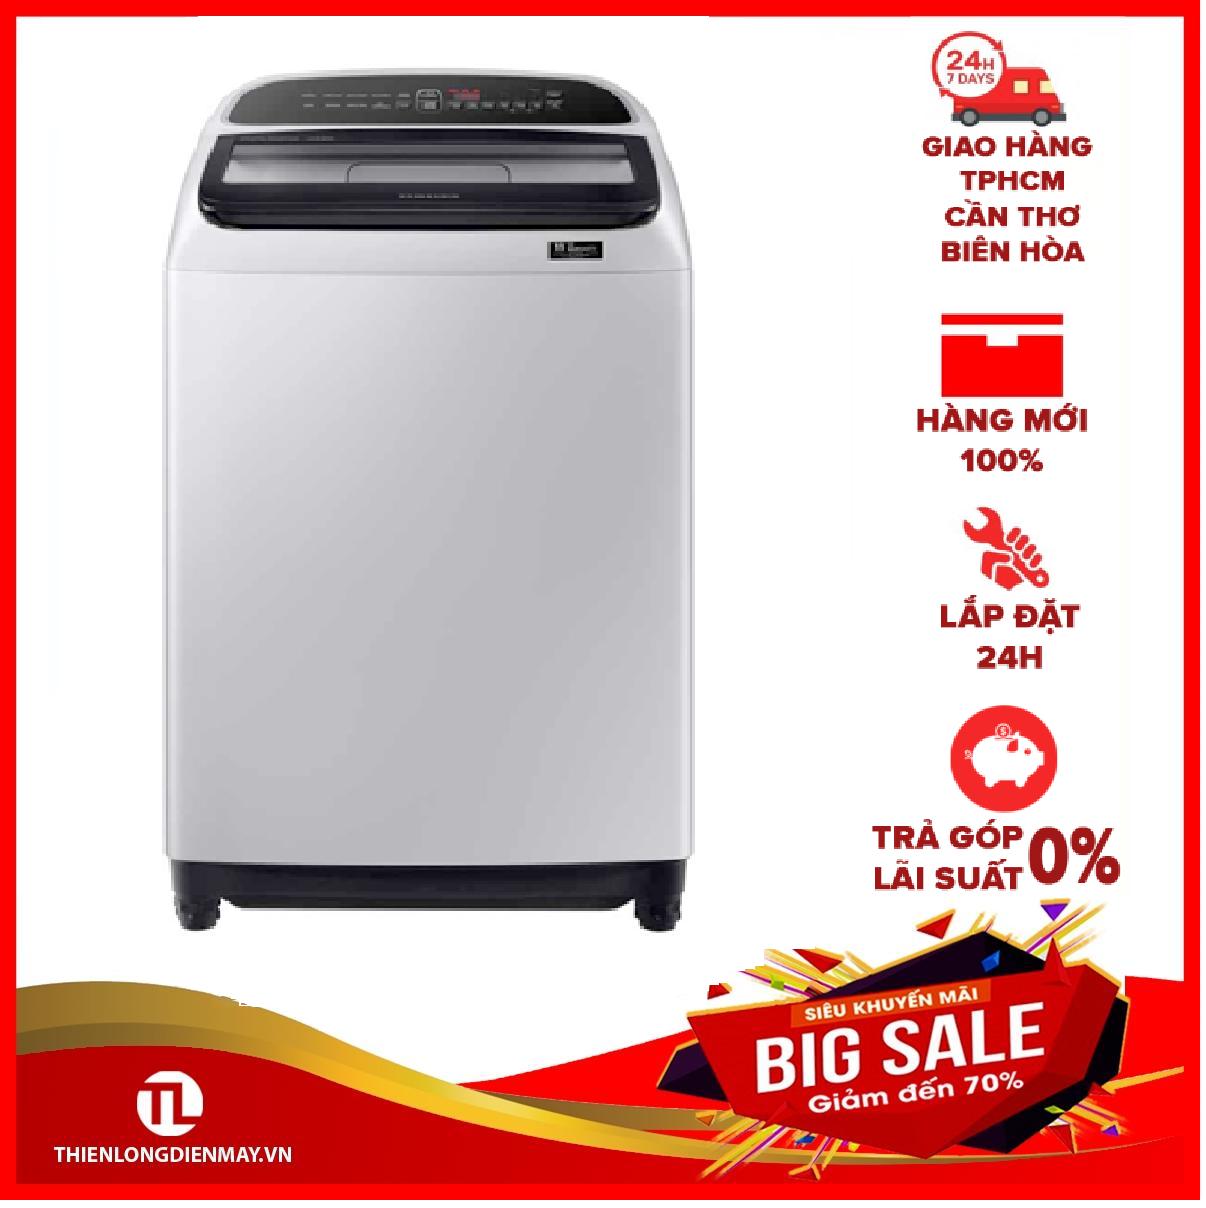 [Trả góp 0%]Máy giặt Samsung Inverter 10 kg WA10T5260BY/SV Mới 2020